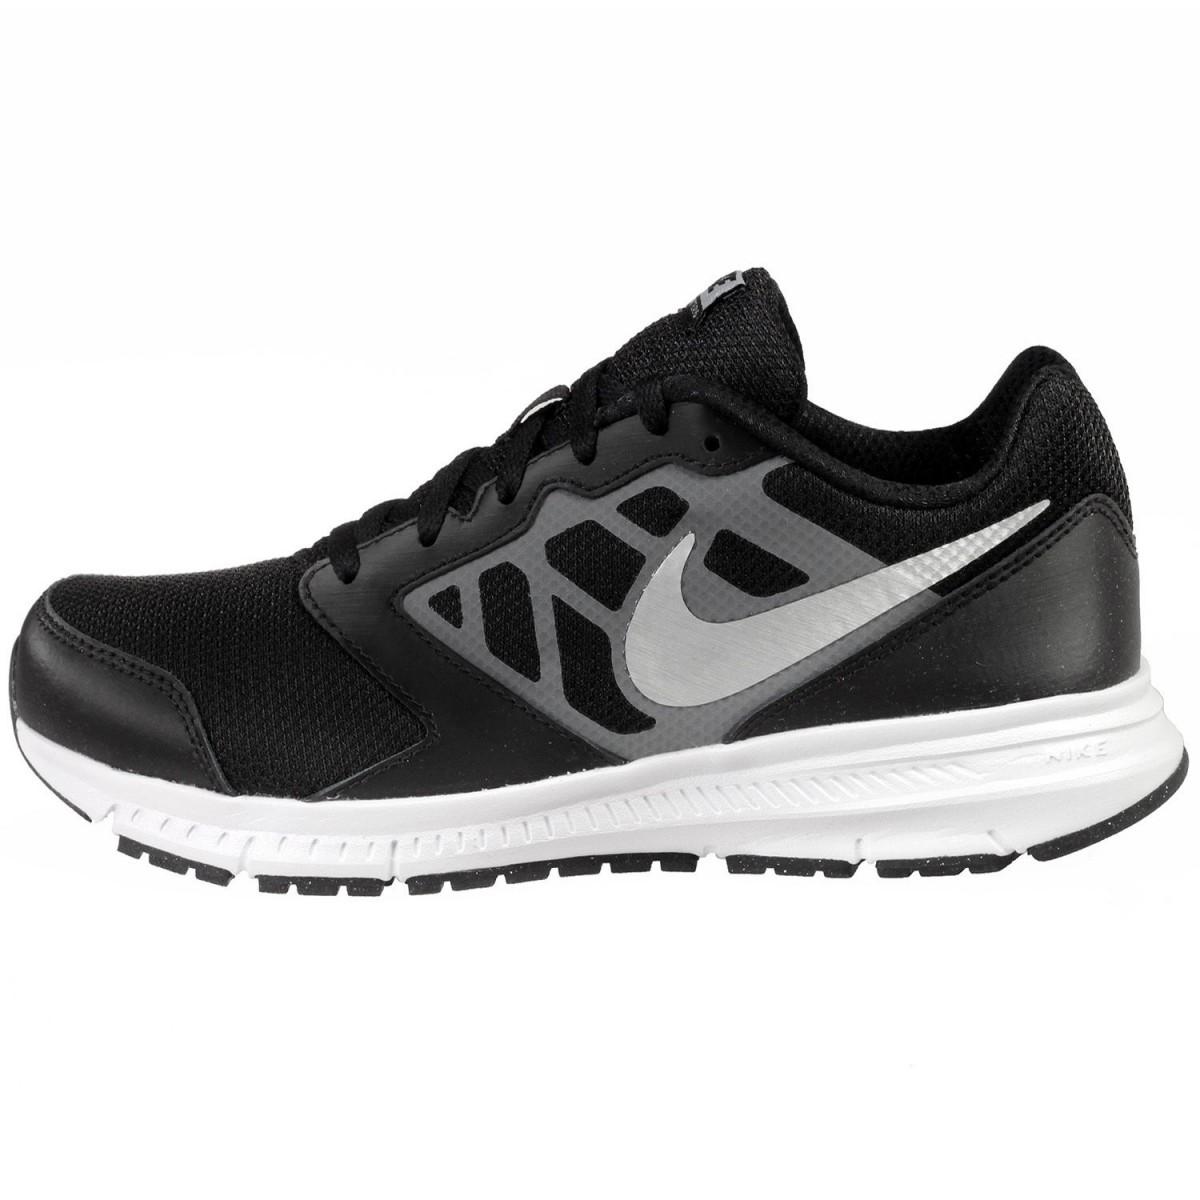 6ff820a1716 Bizz Store - Tênis Infantil Masculino Nike Downshifter 6 Preto